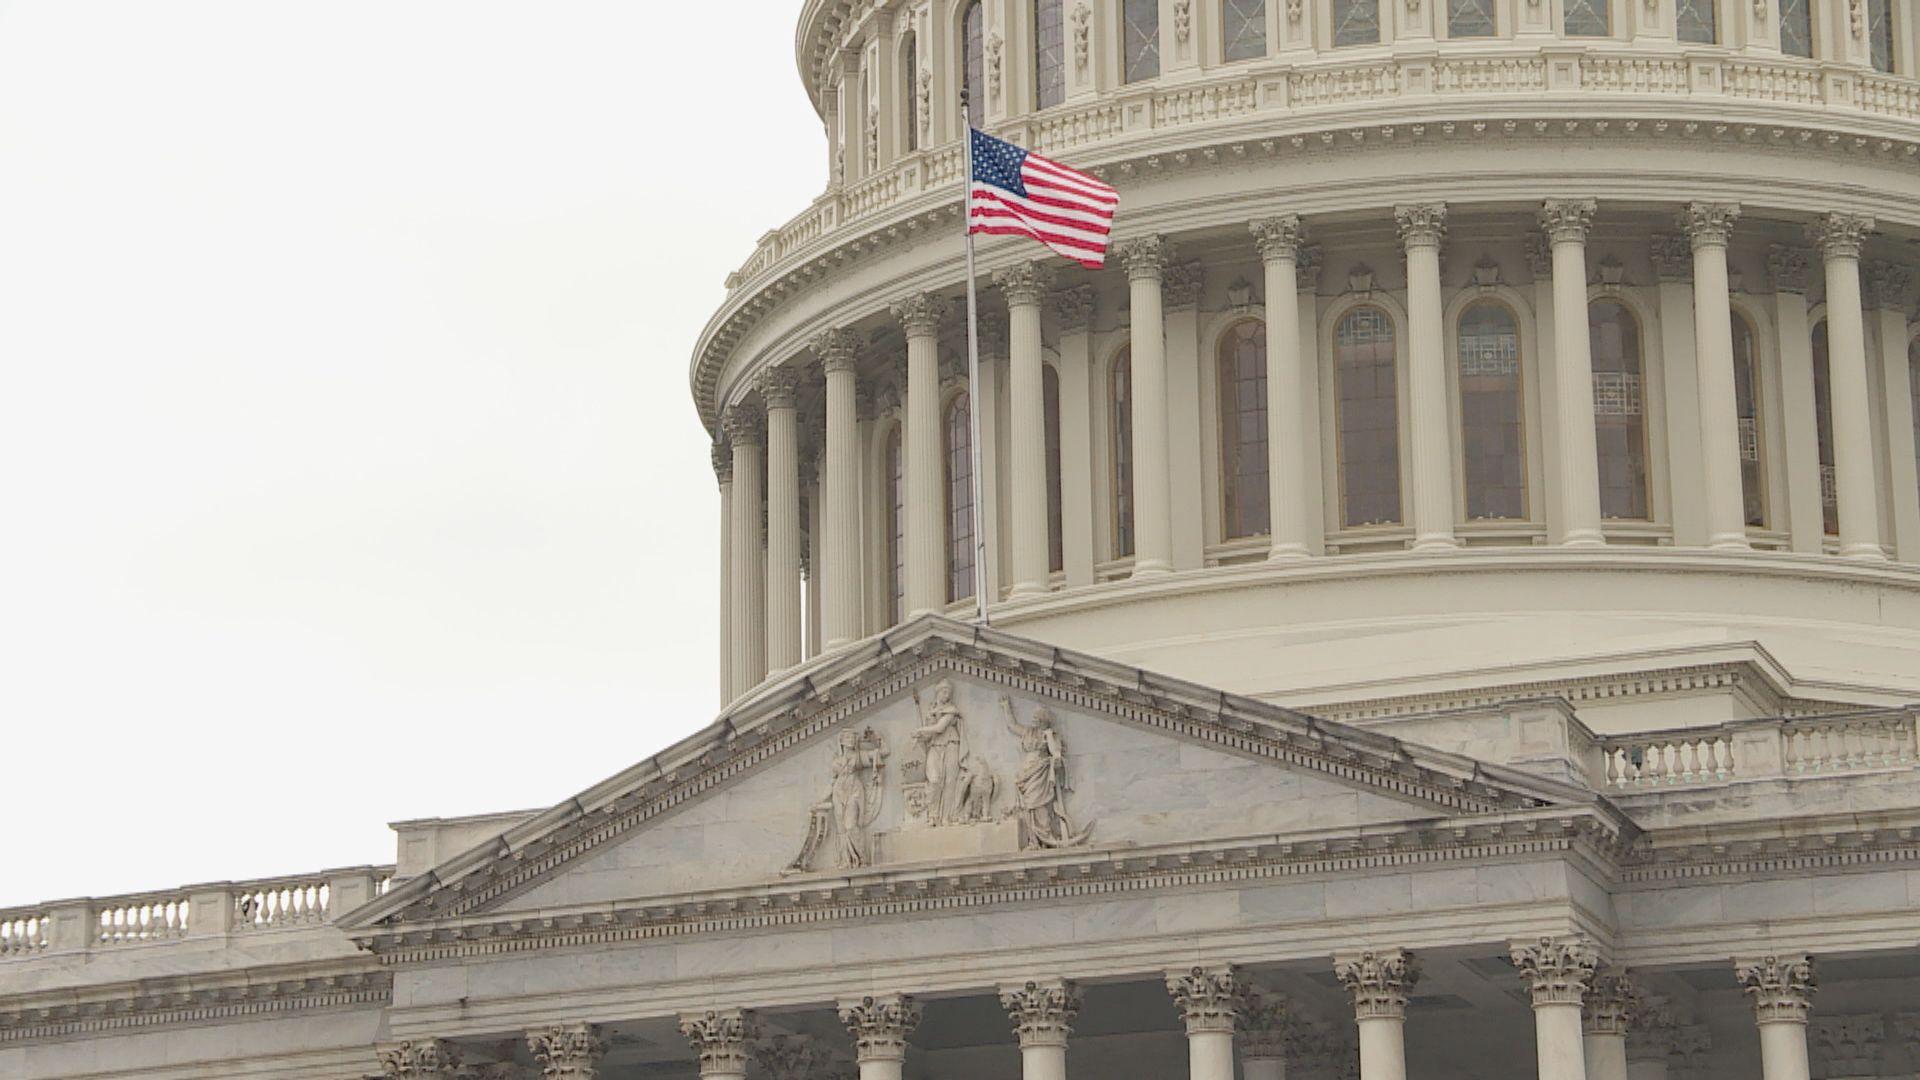 美跨黨派議員提譴責決議案 譴責北京在港侵犯權利自由